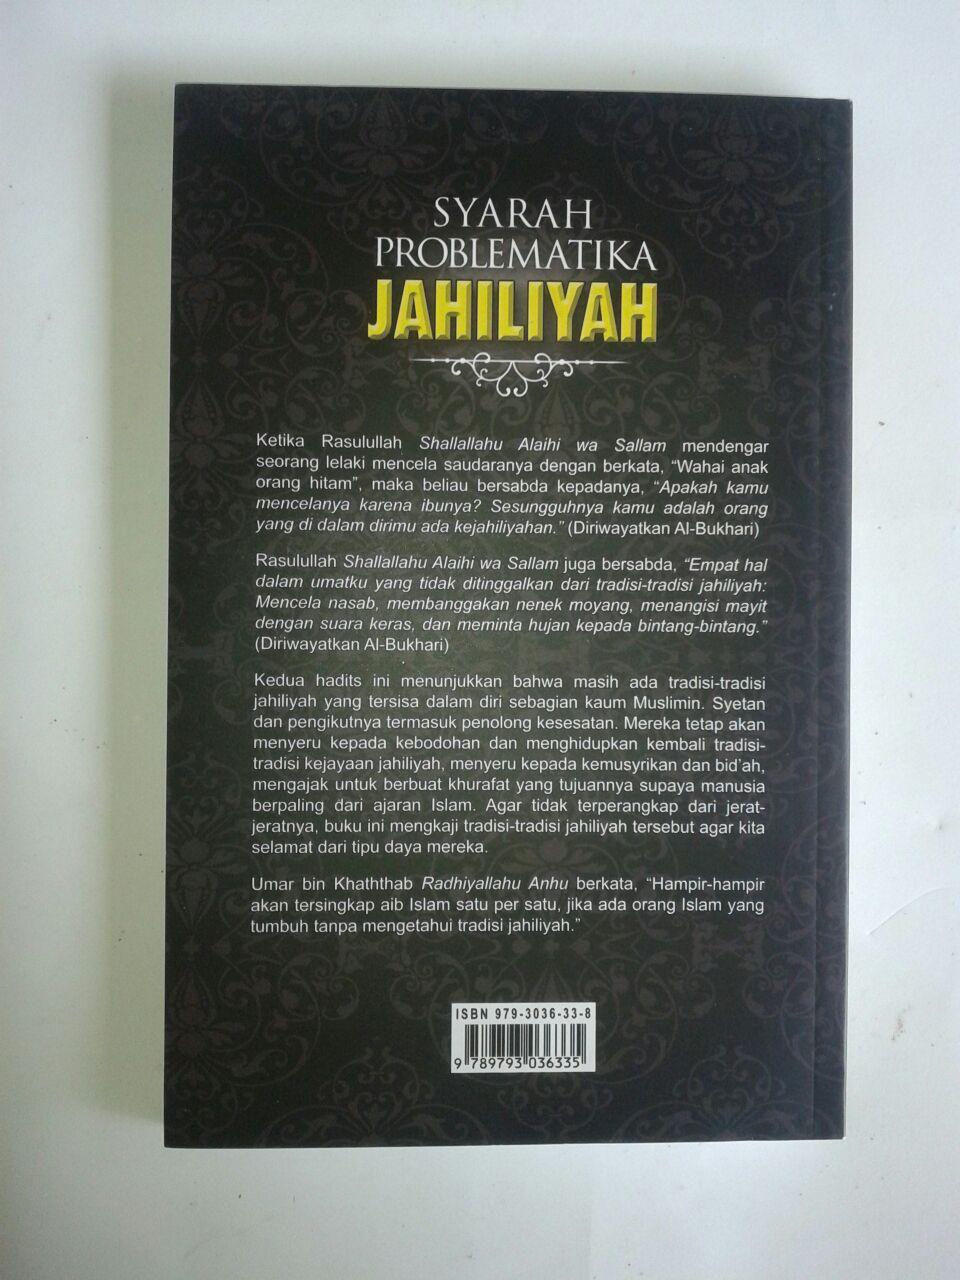 Buku Syarah Problematika Jahiliyah cover